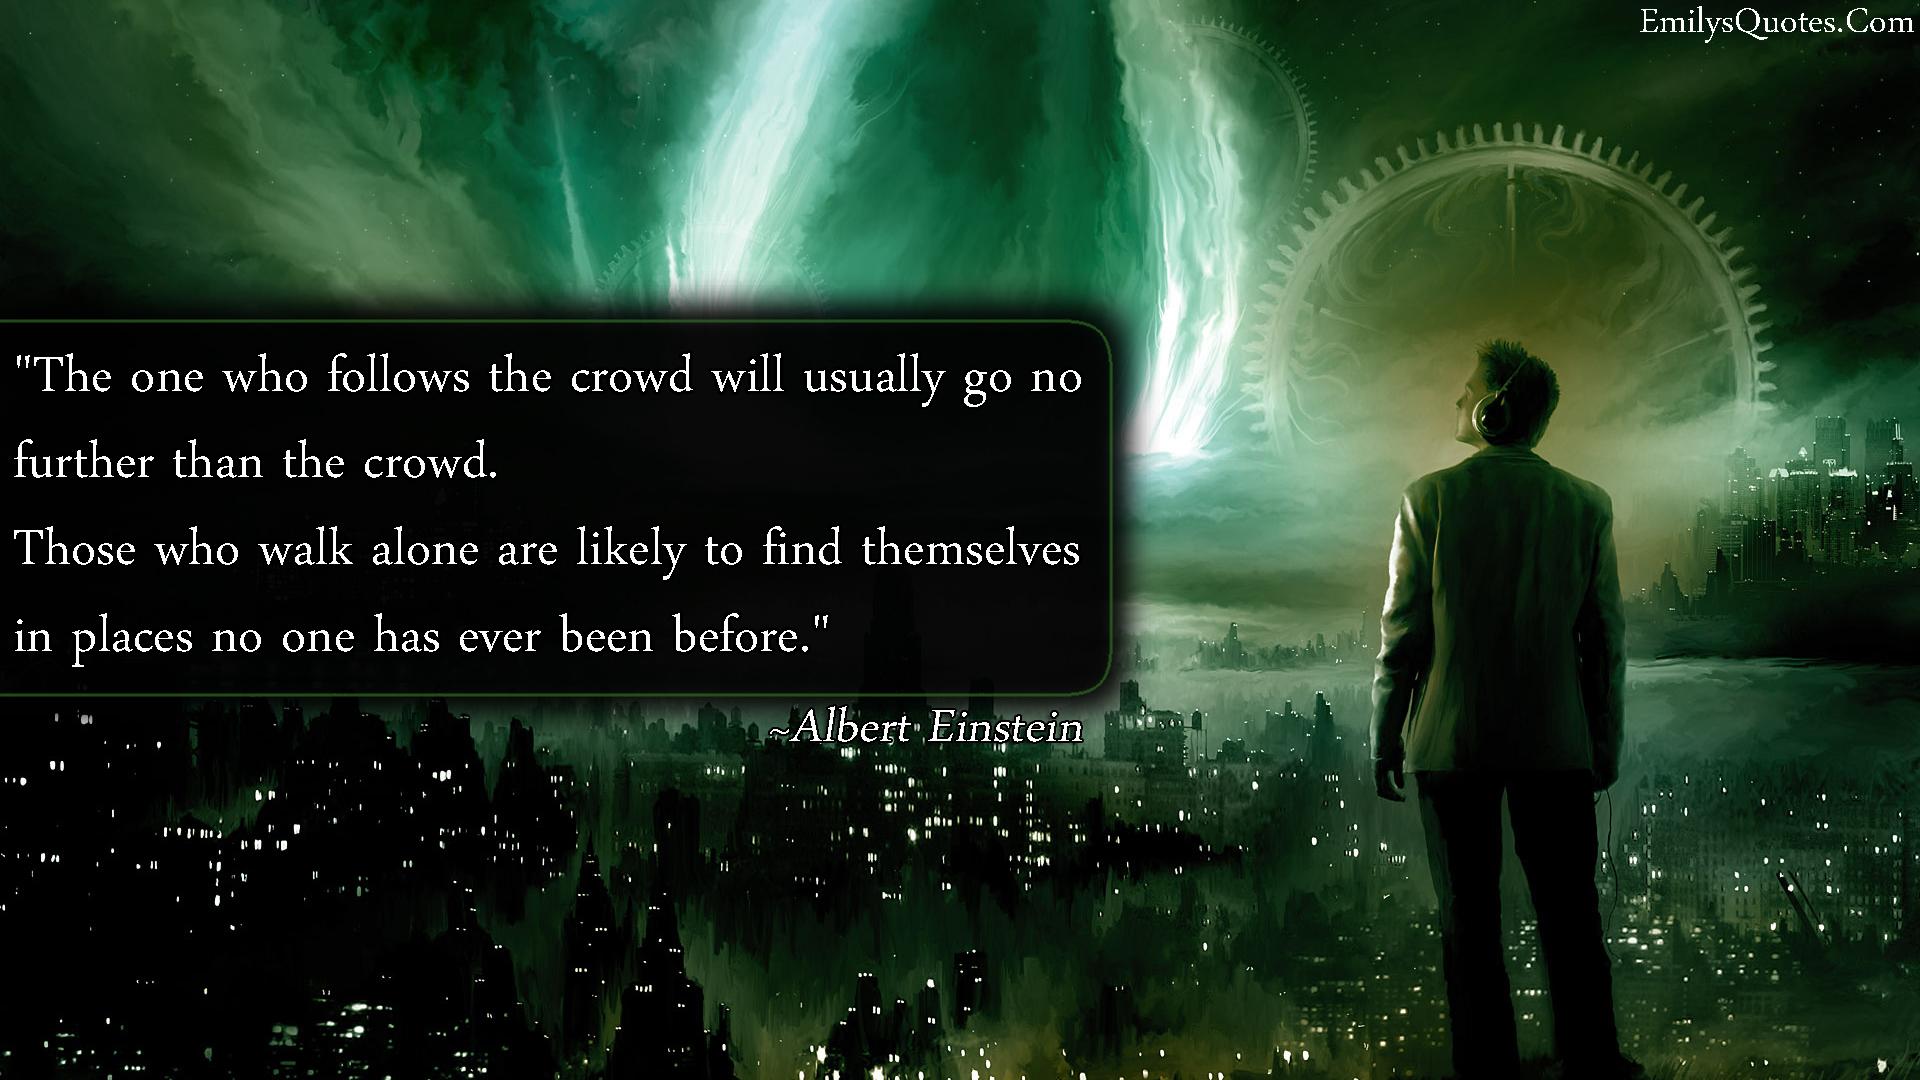 EmilysQuotes.Com - crowd, alone, inspirational, intelligence, great, Albert Einstein